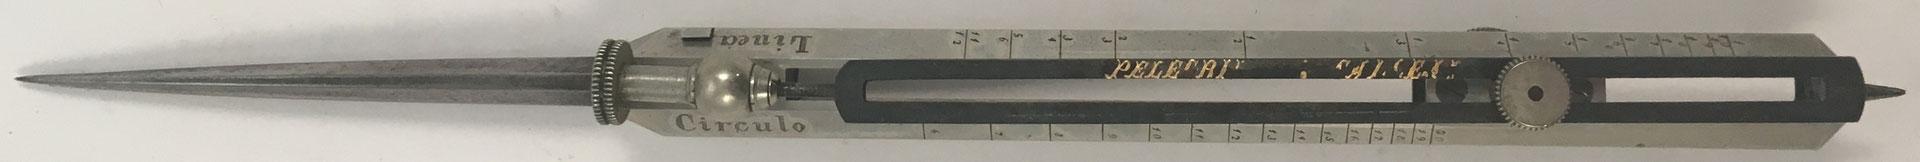 Compás de reducción, con mecanismo de ajuste, en posición cerrada